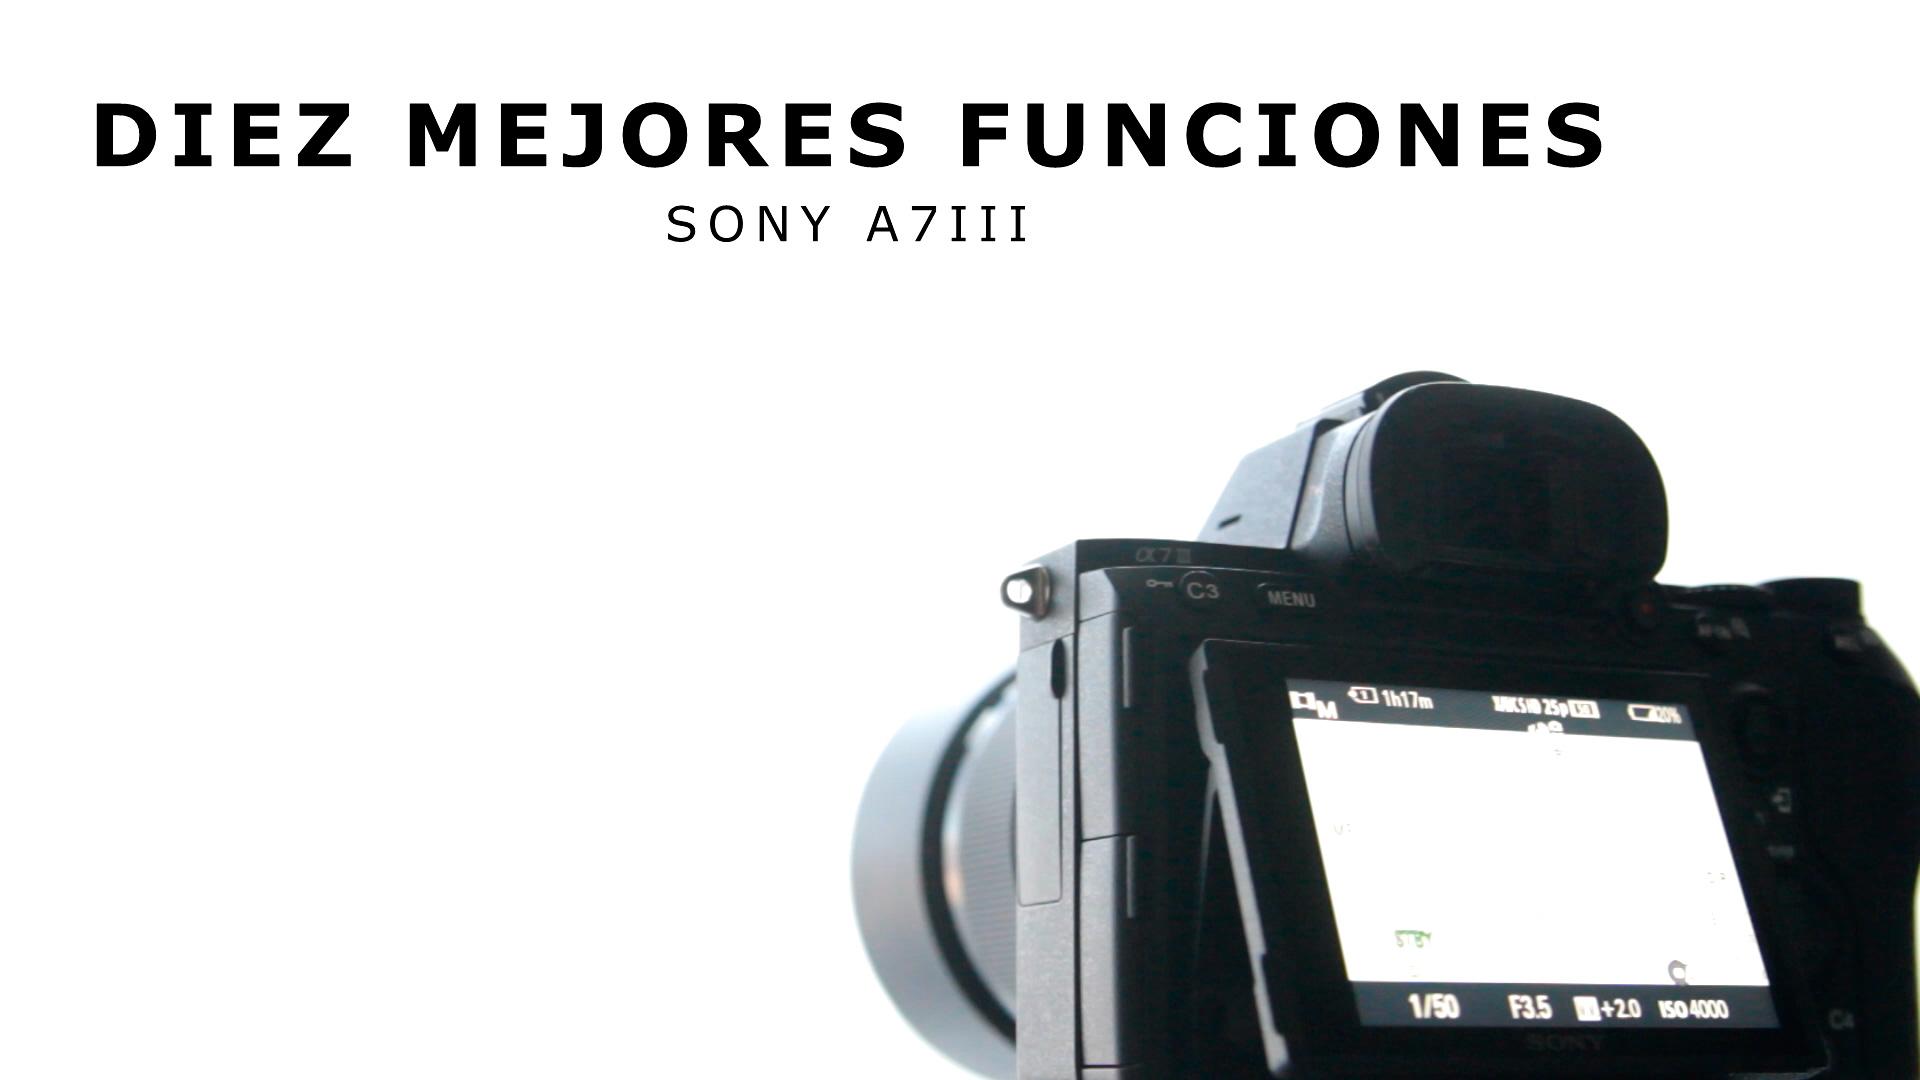 Diez mejores funciones Sony A7III